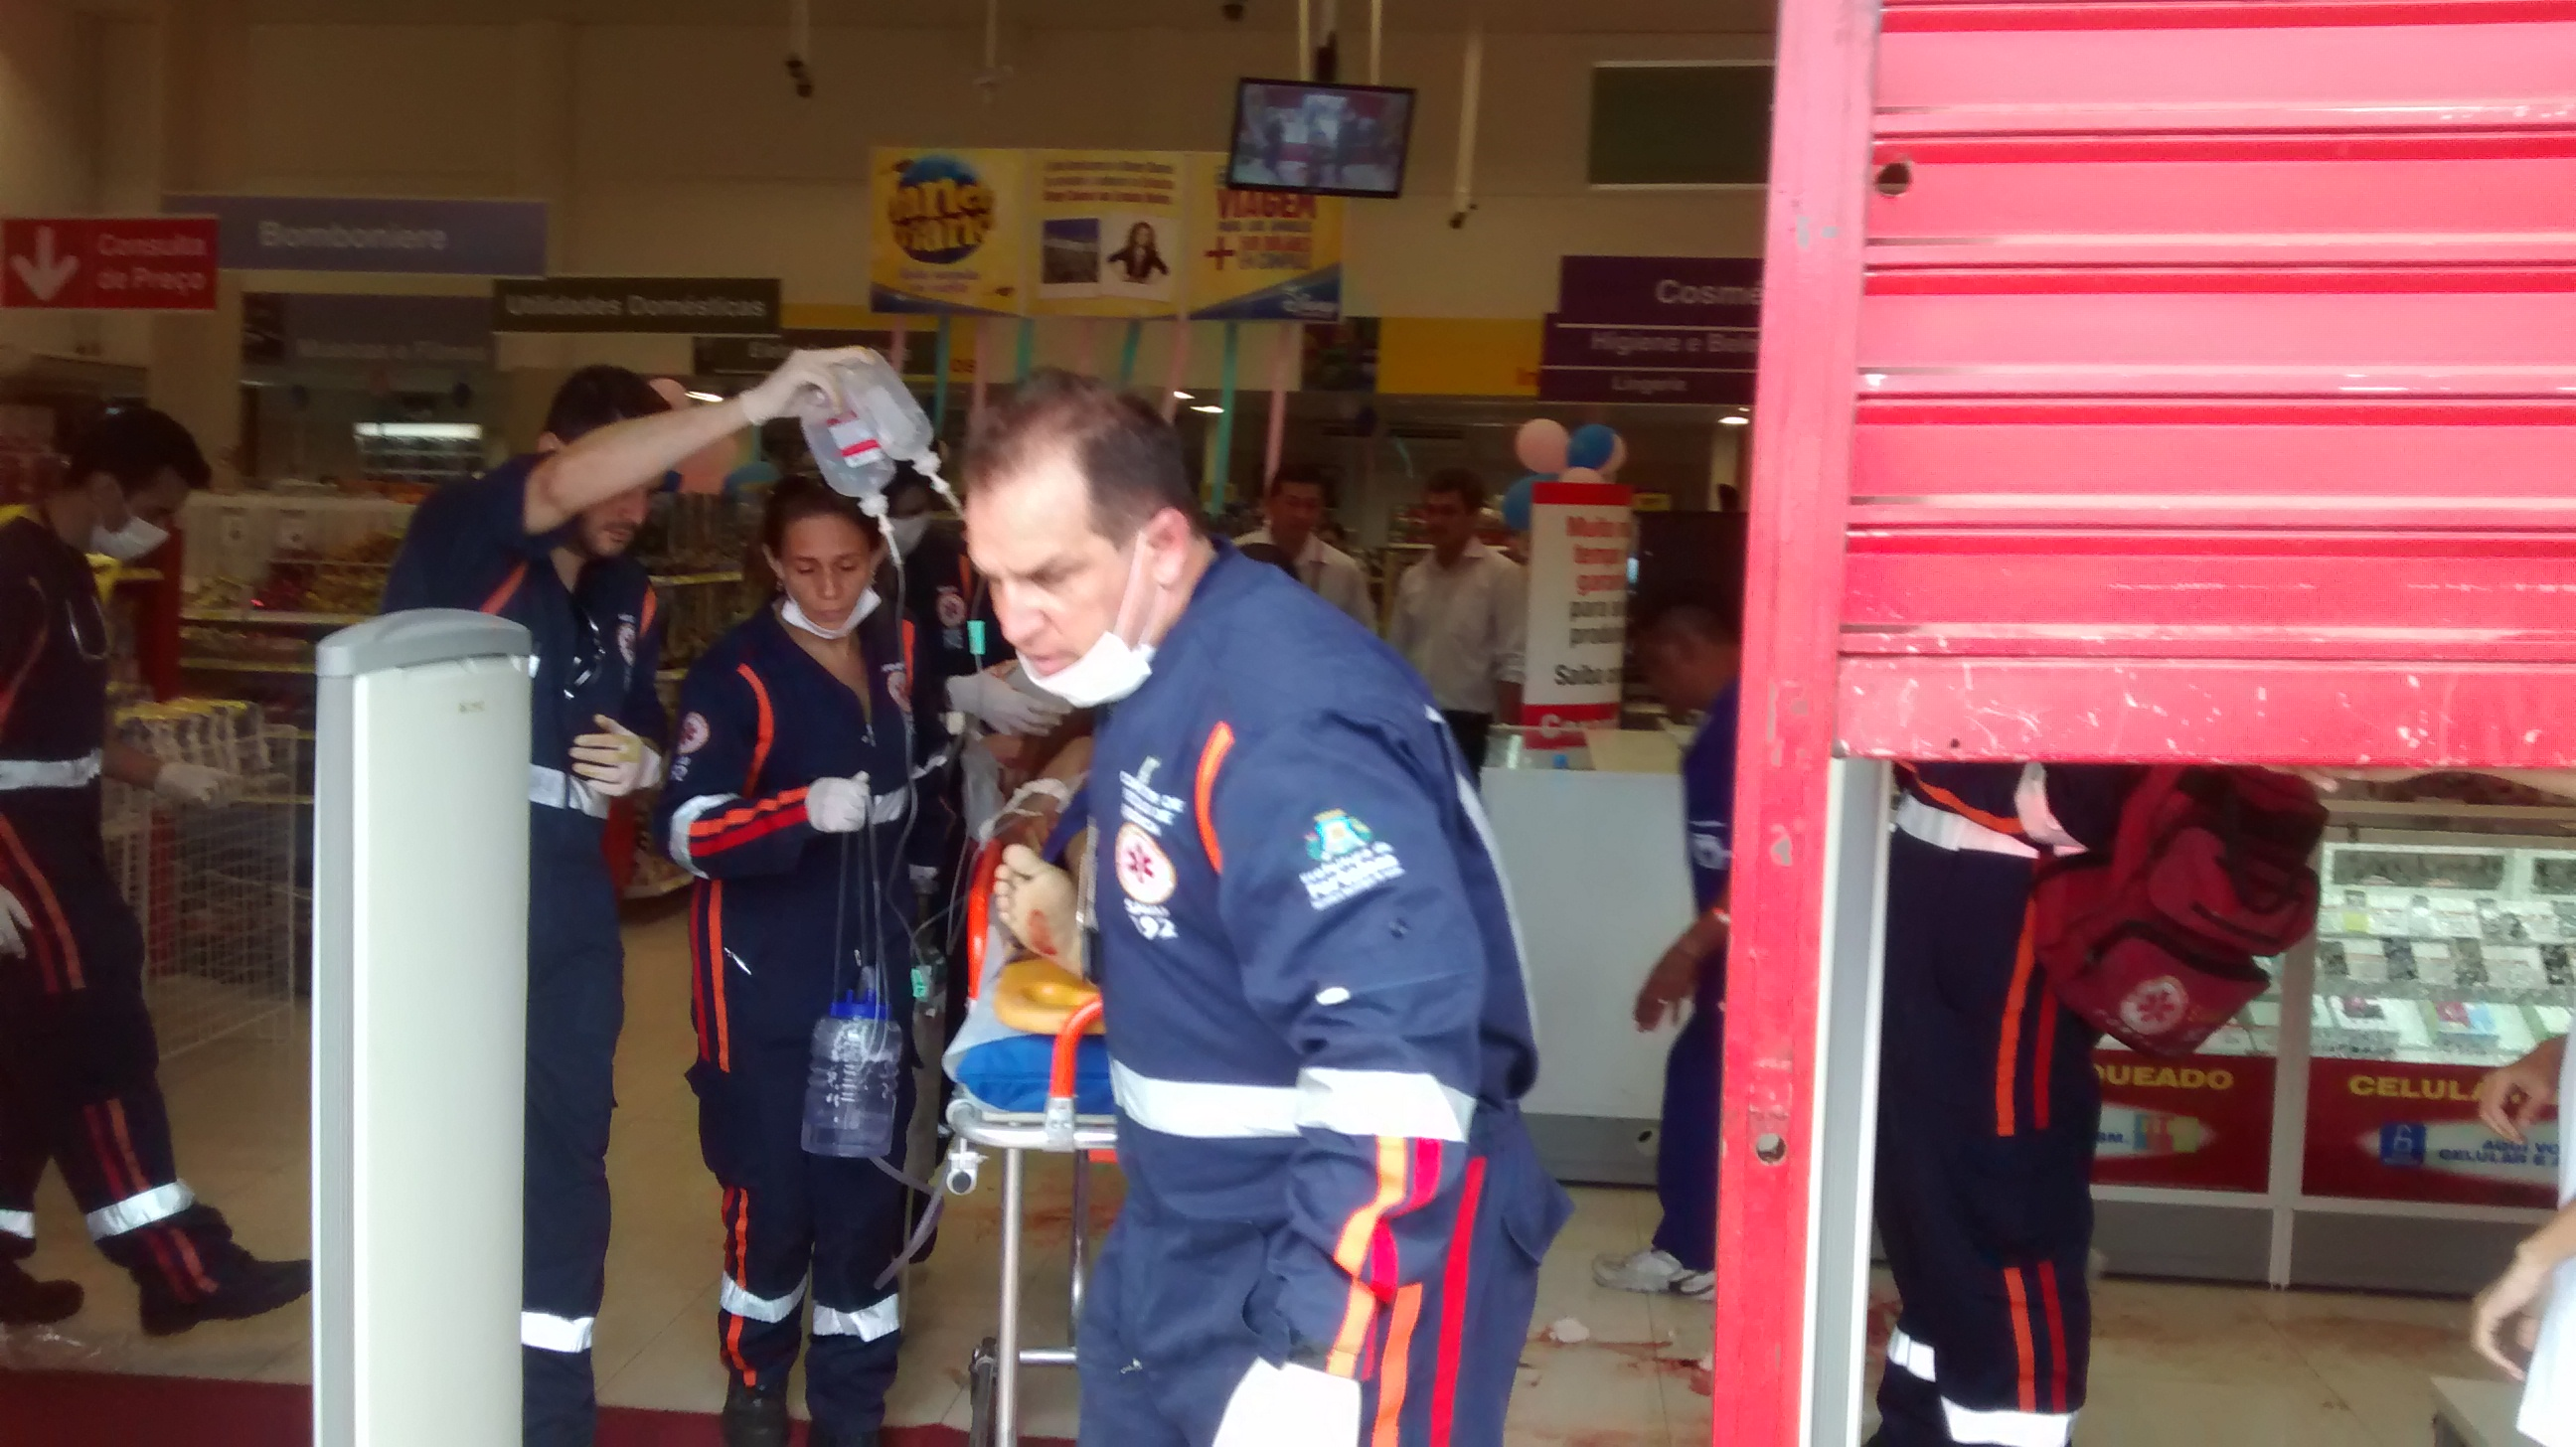 Crime aconteceu dentro da Lojas Americanas da avenida Santos Dumont (FOTO: Cristiano Pantanal/ TV Jangadeiro)